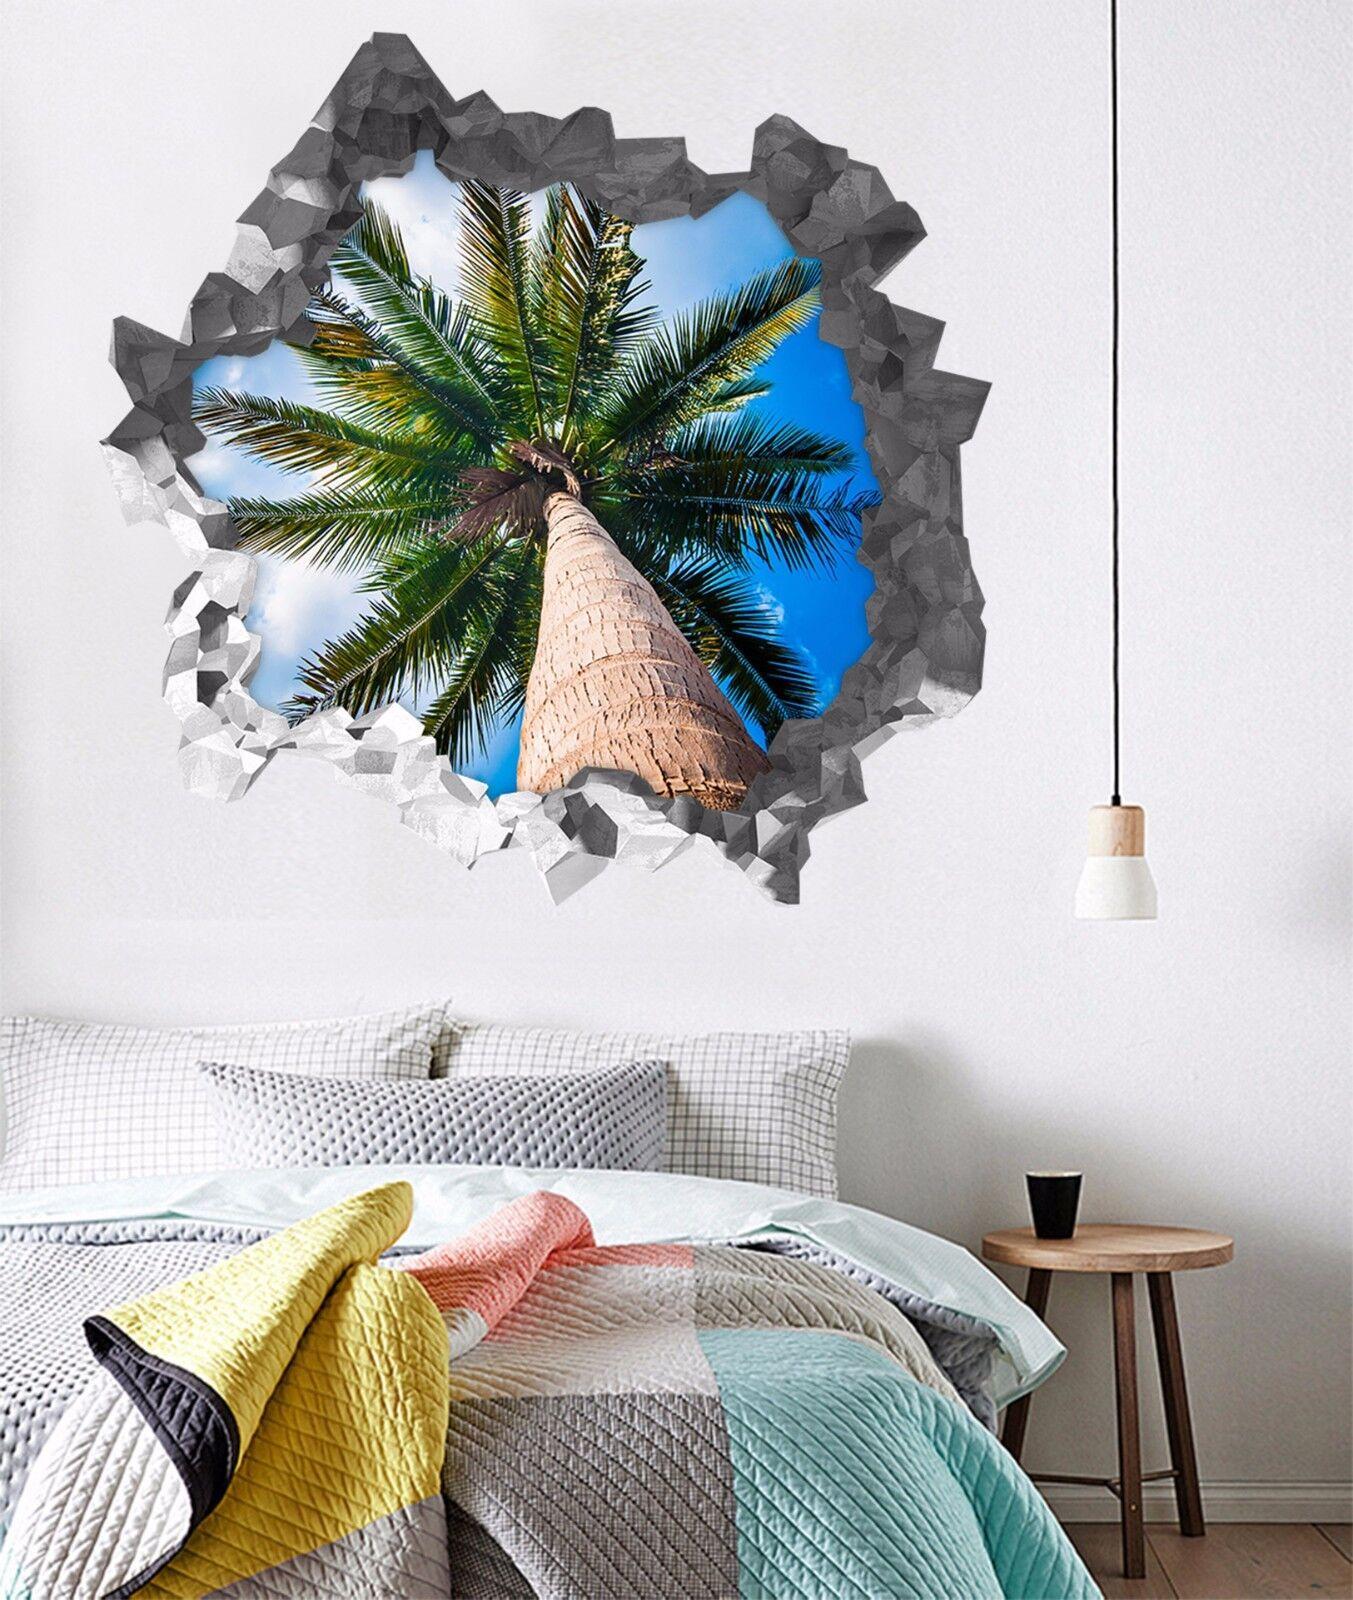 3D Grüner Baum 843 Mauer Murals Mauer Aufklebe Decal Durchbruch AJ WALLPAPER DE